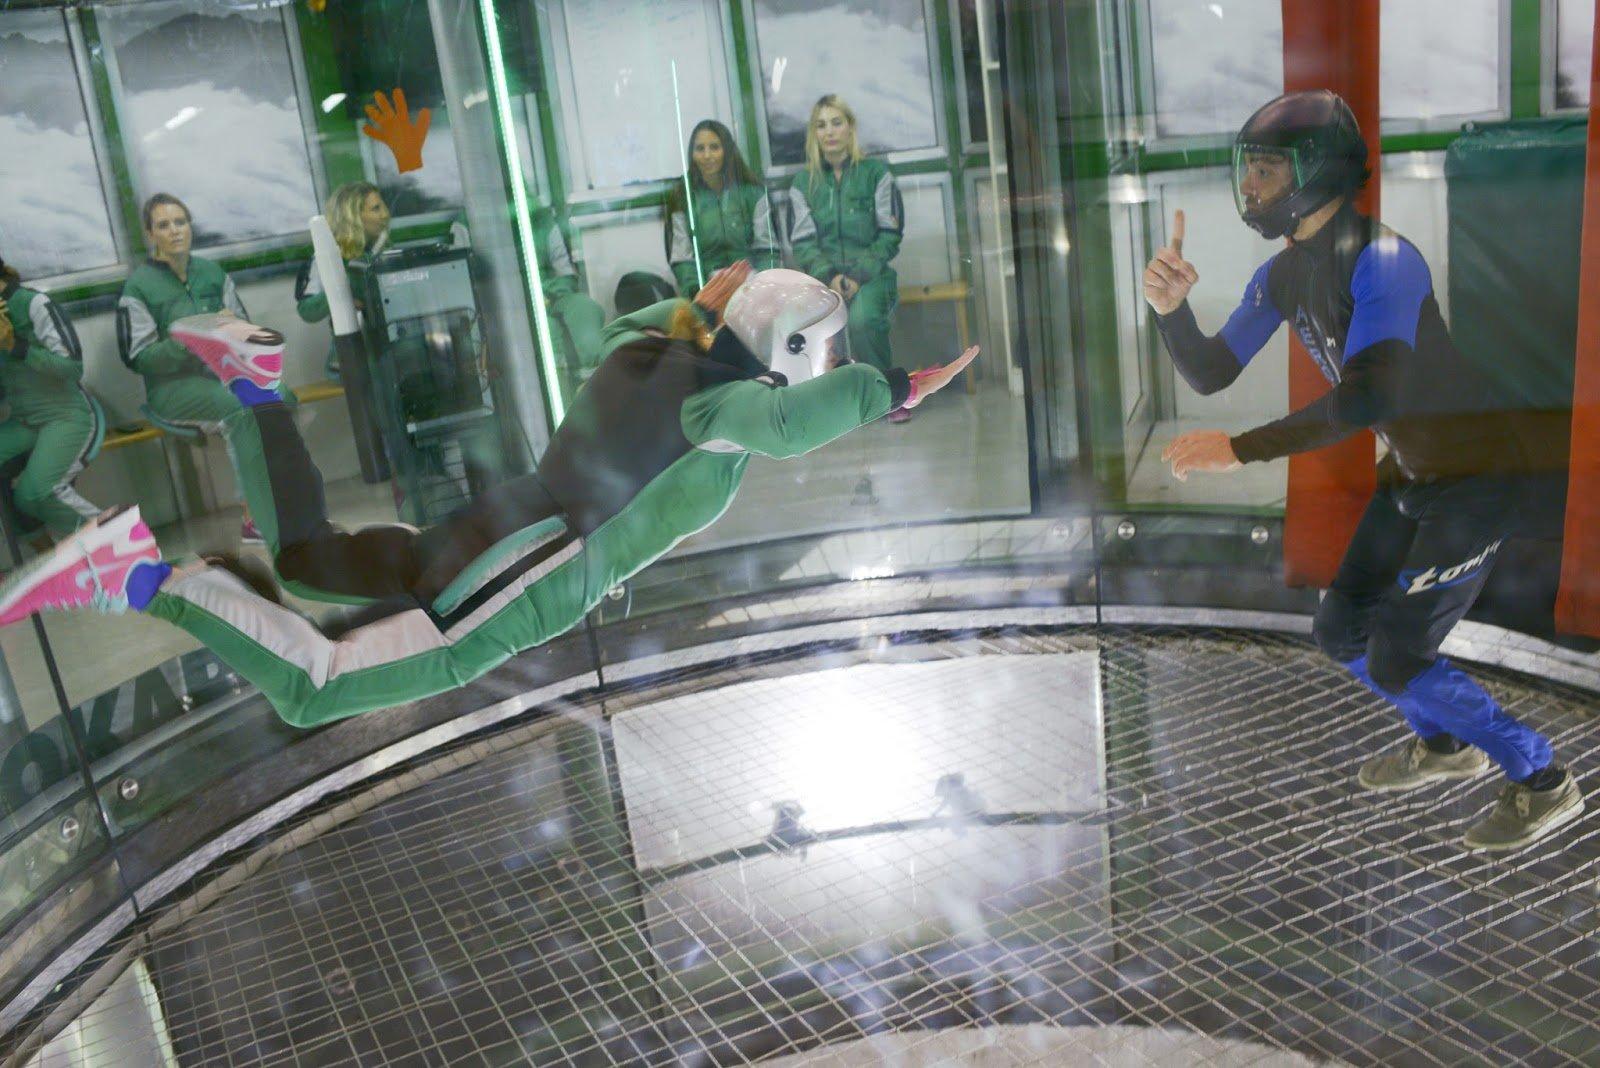 Simulateur de chute libre